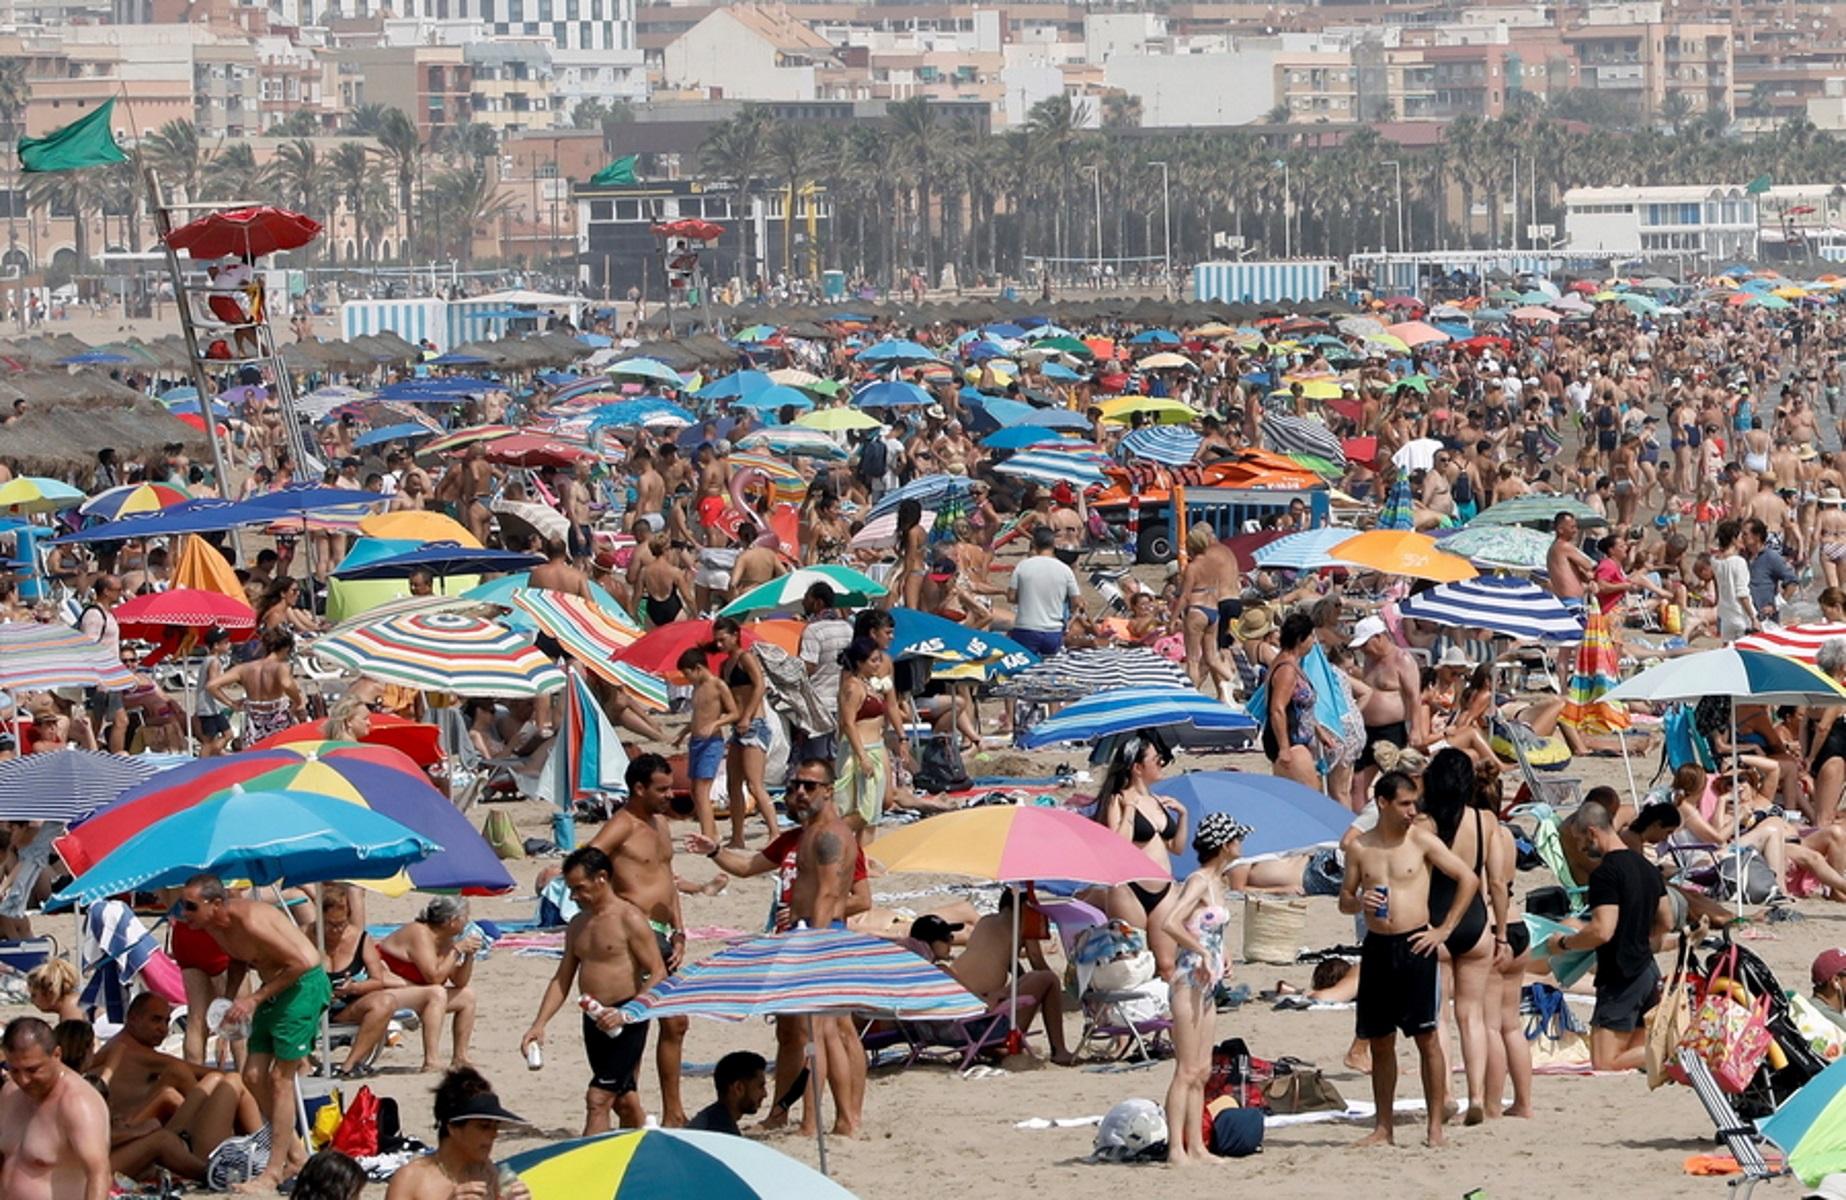 Ισπανία: Απόλυτο ρεκόρ ζέστης με 47,4 βαθμούς Κελσίου